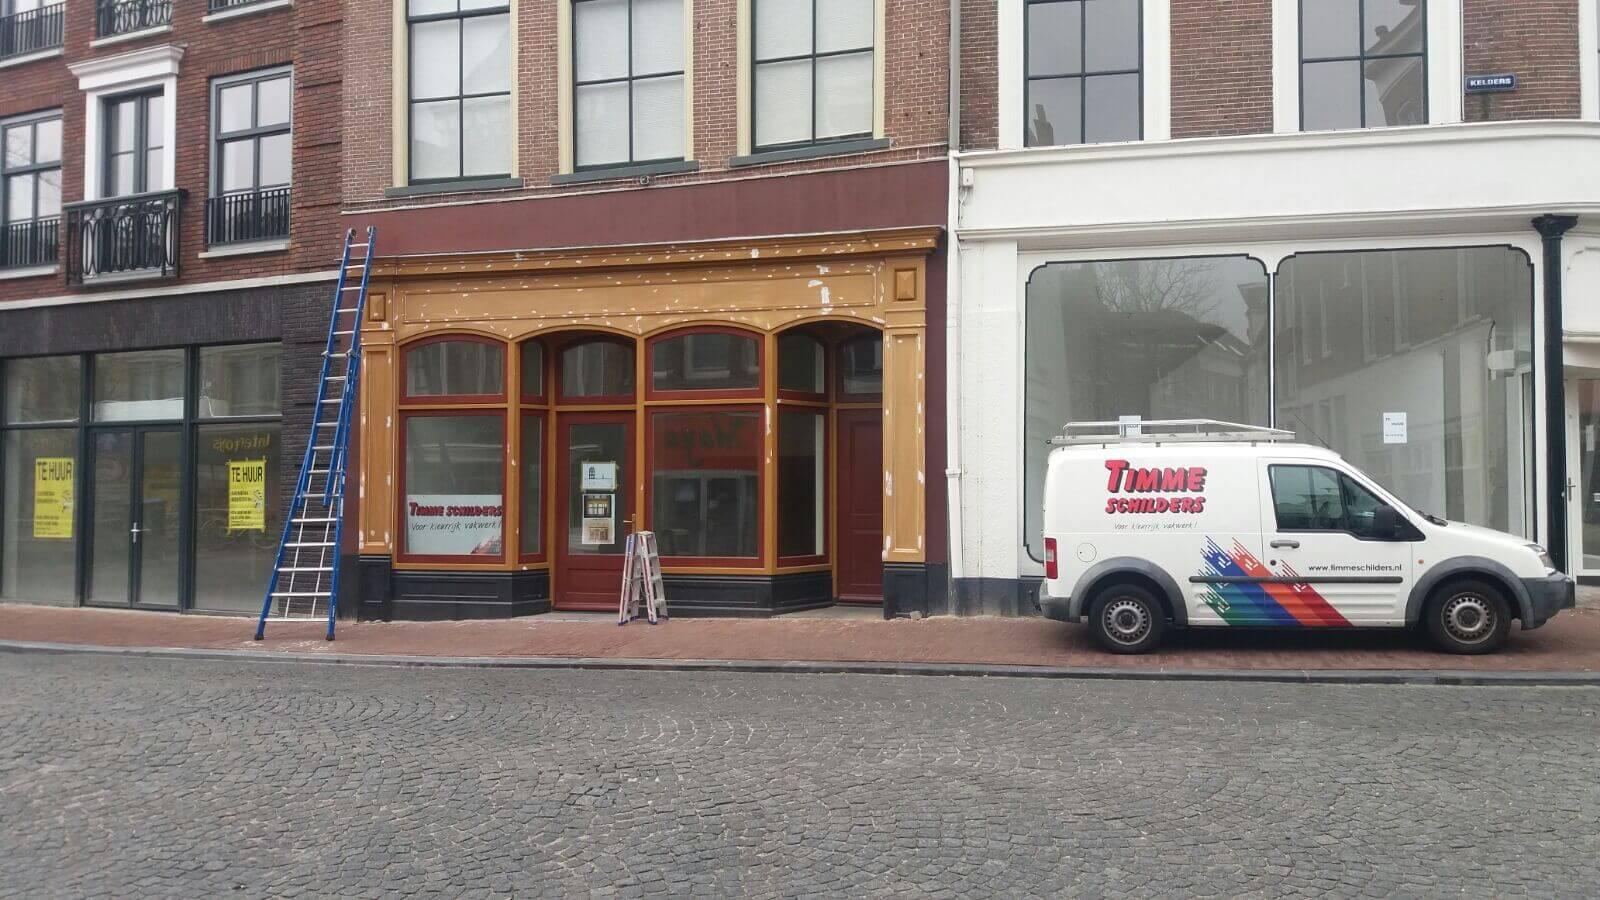 Timme Schilders de Kelders Leeuwarden1